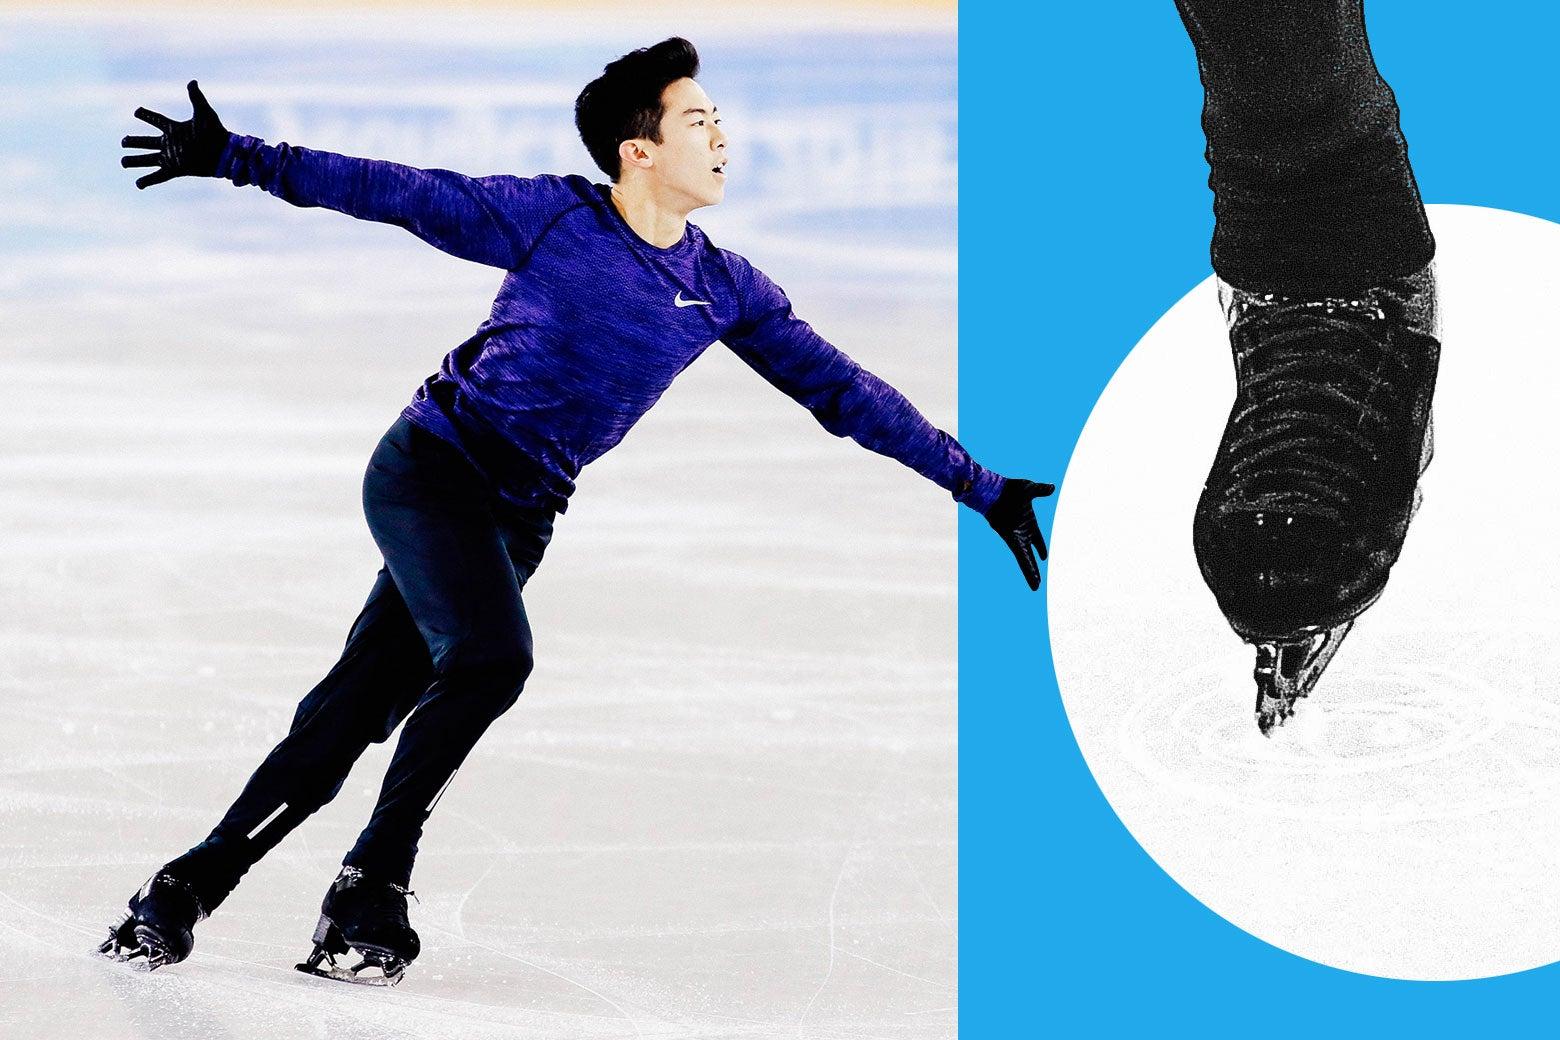 At left: Nathan Chen skating. At right: a close-up on his skate.